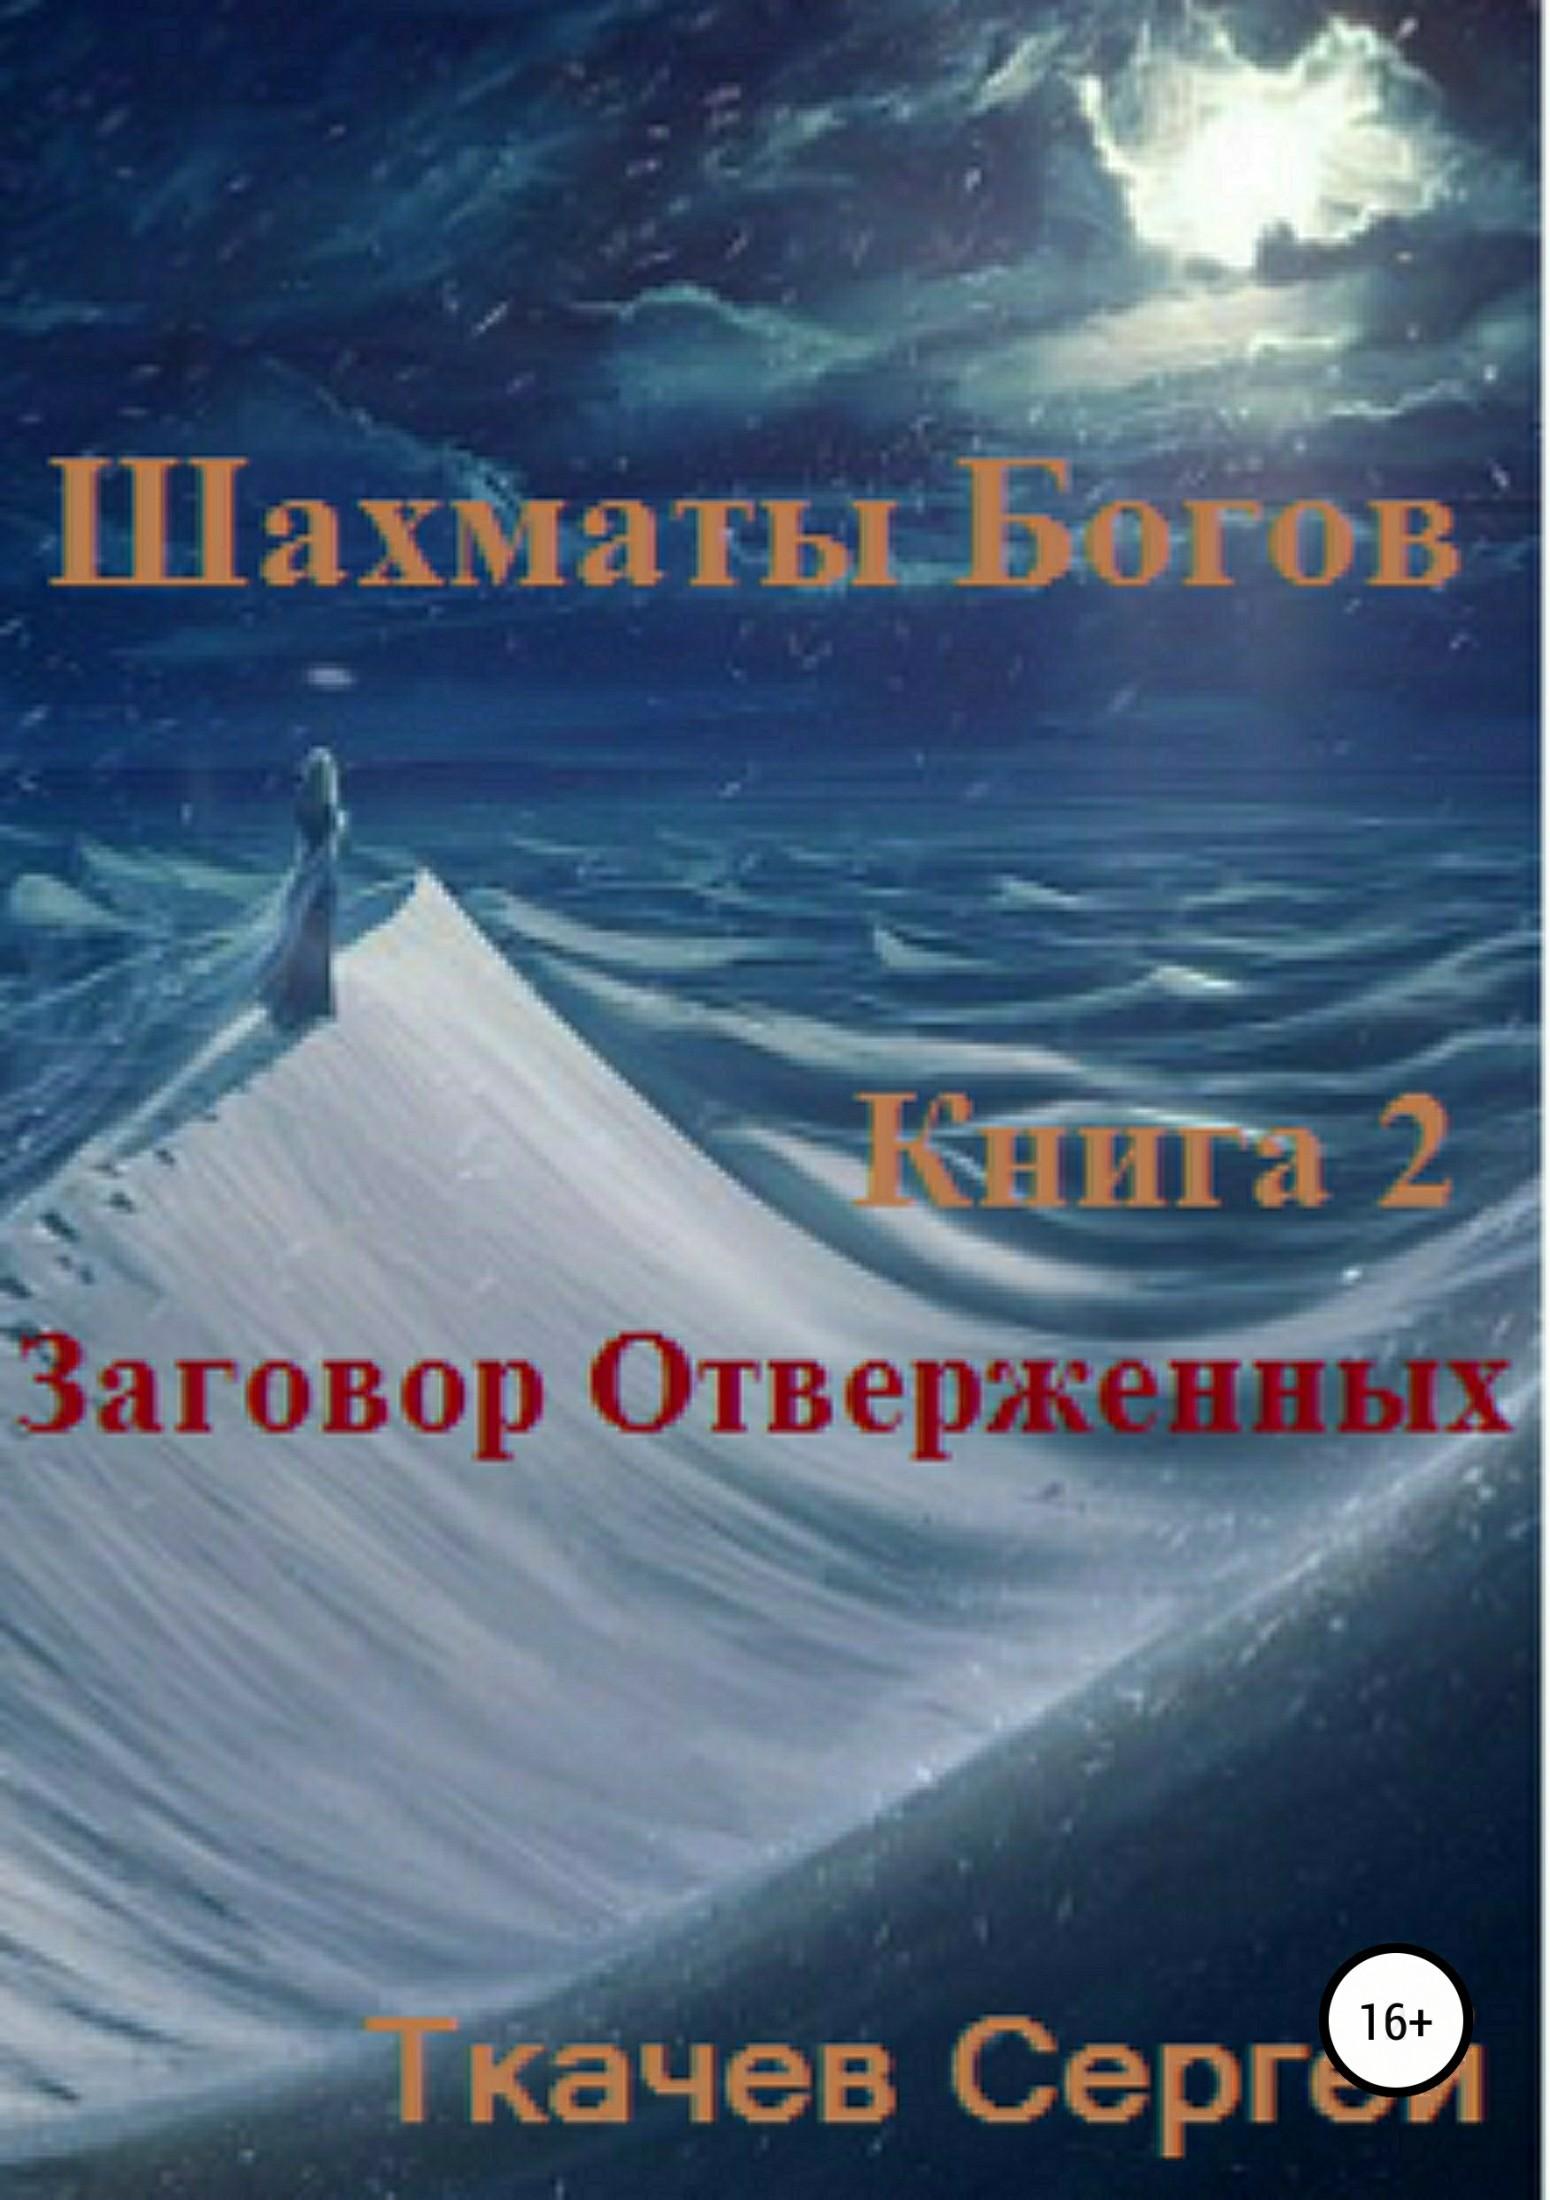 Шахматы богов 2. Заговор Отверженных_Сергей Сергеевич Ткачев